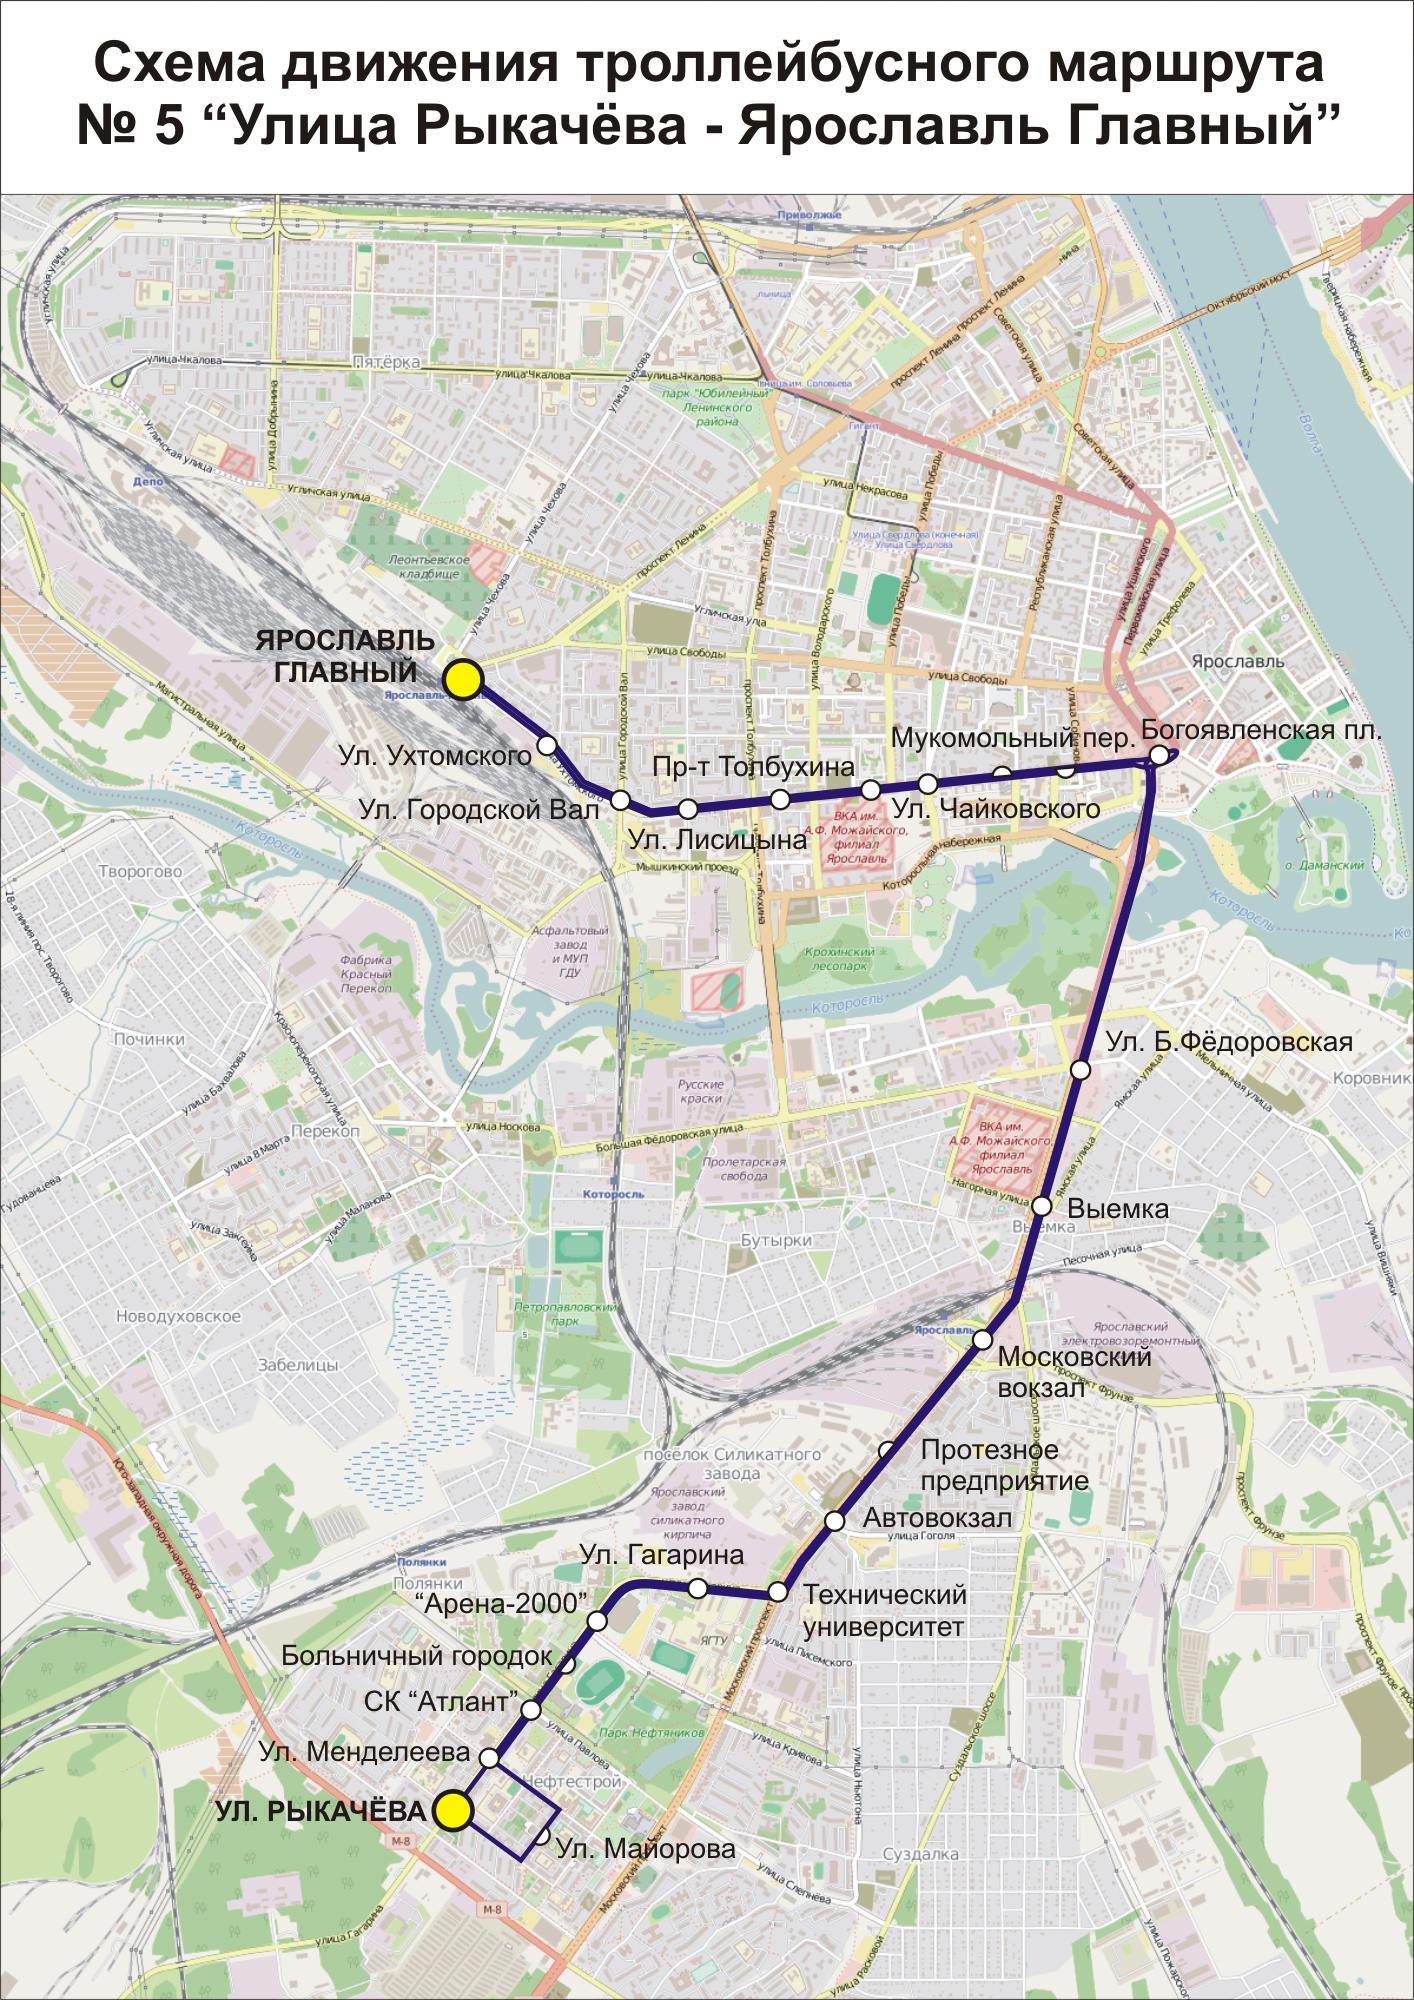 Схема троллейбусов в ярославле